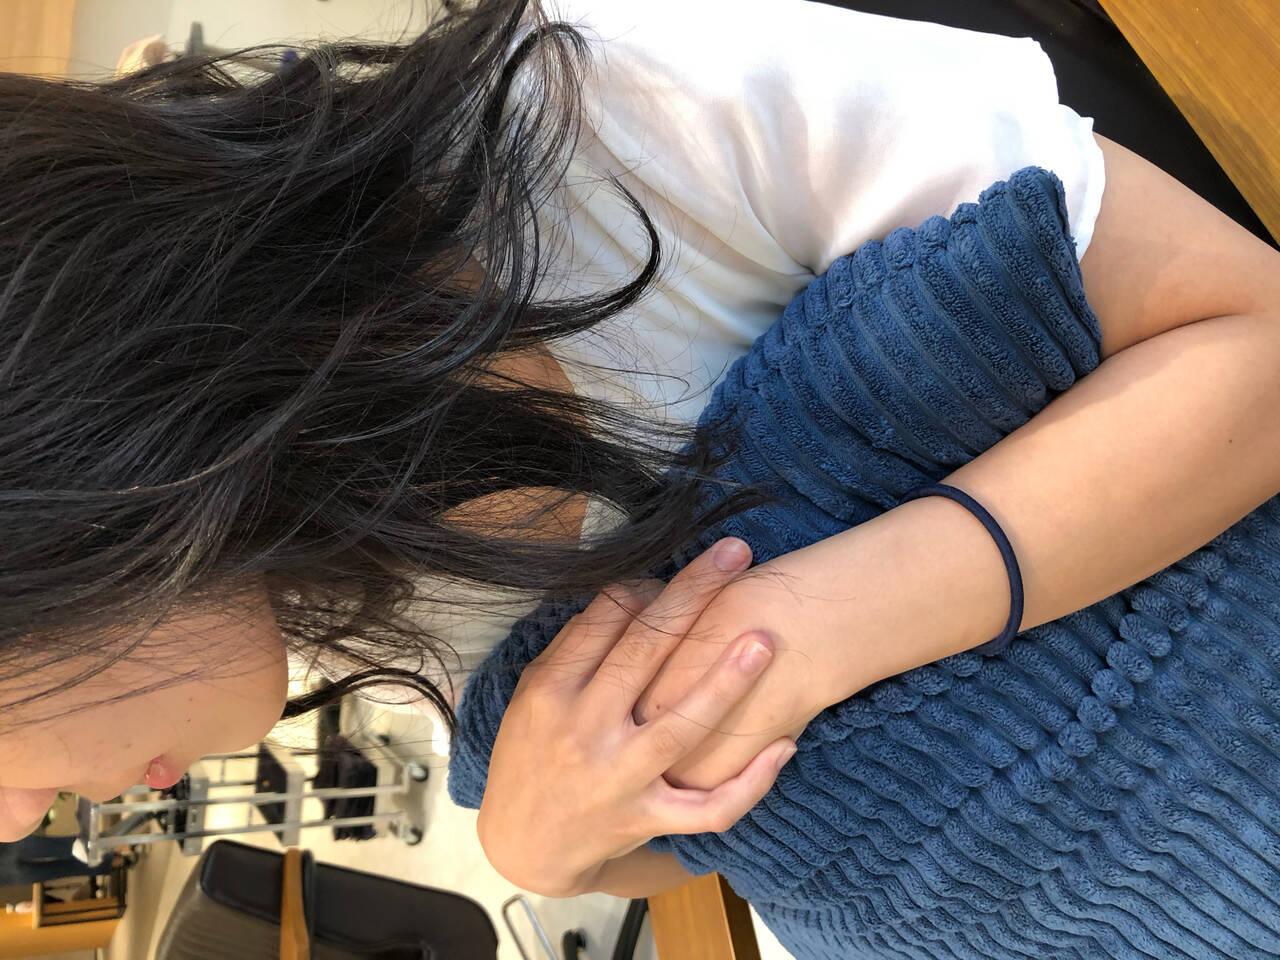 セミロング オリーブベージュ ブラウンベージュ オリーブカラーヘアスタイルや髪型の写真・画像